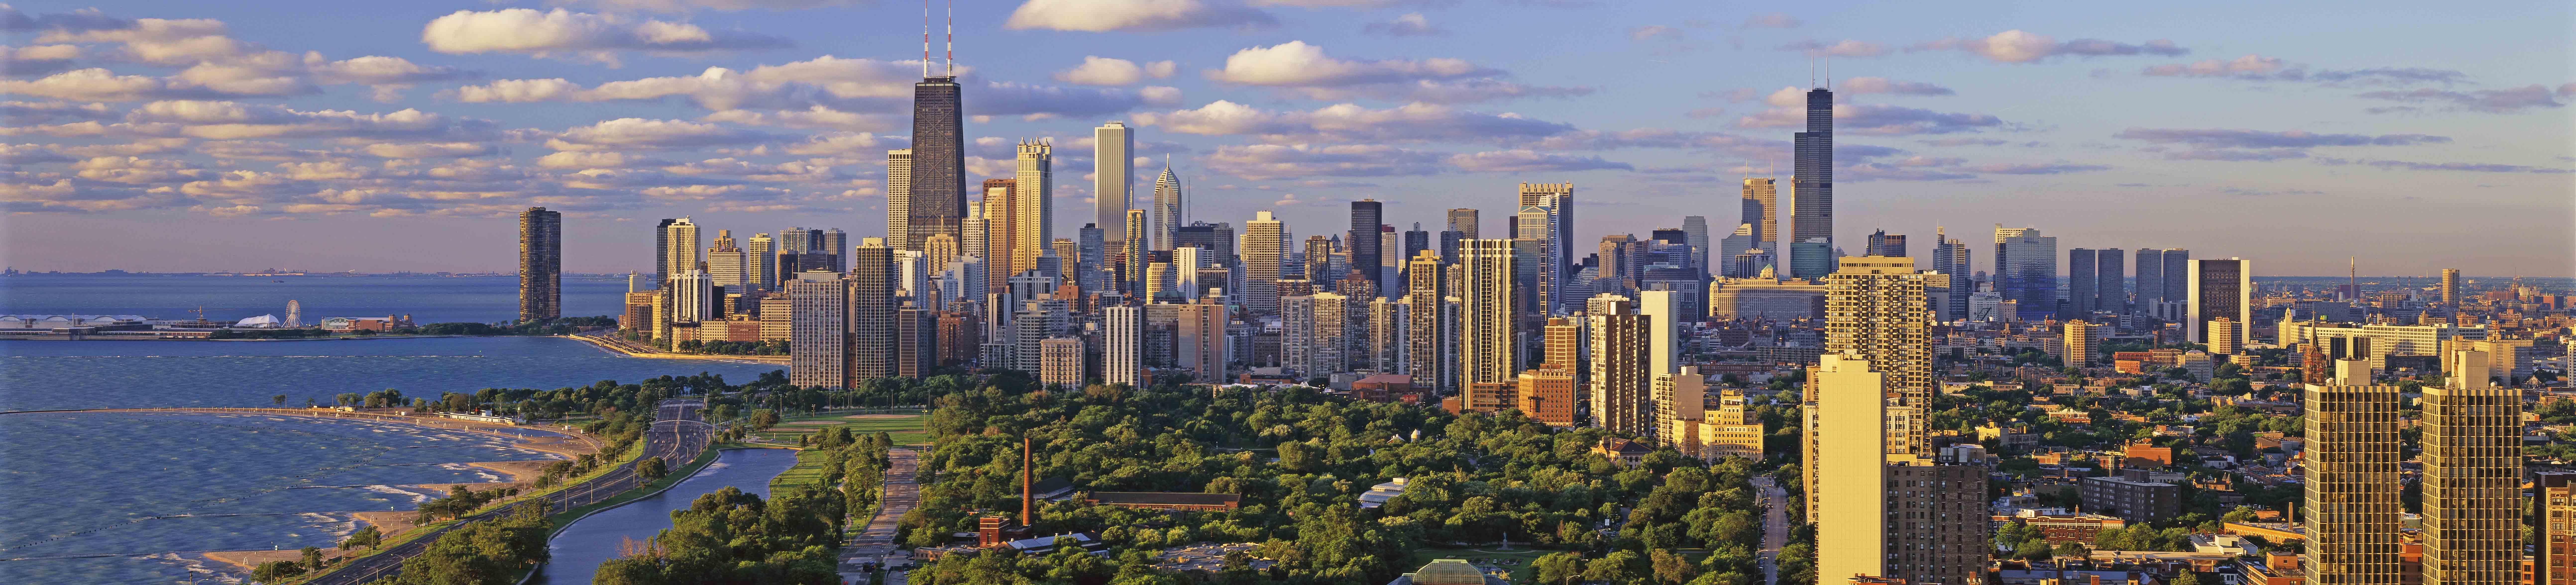 Chicago : une des plus belles villes des Etats-Unis !